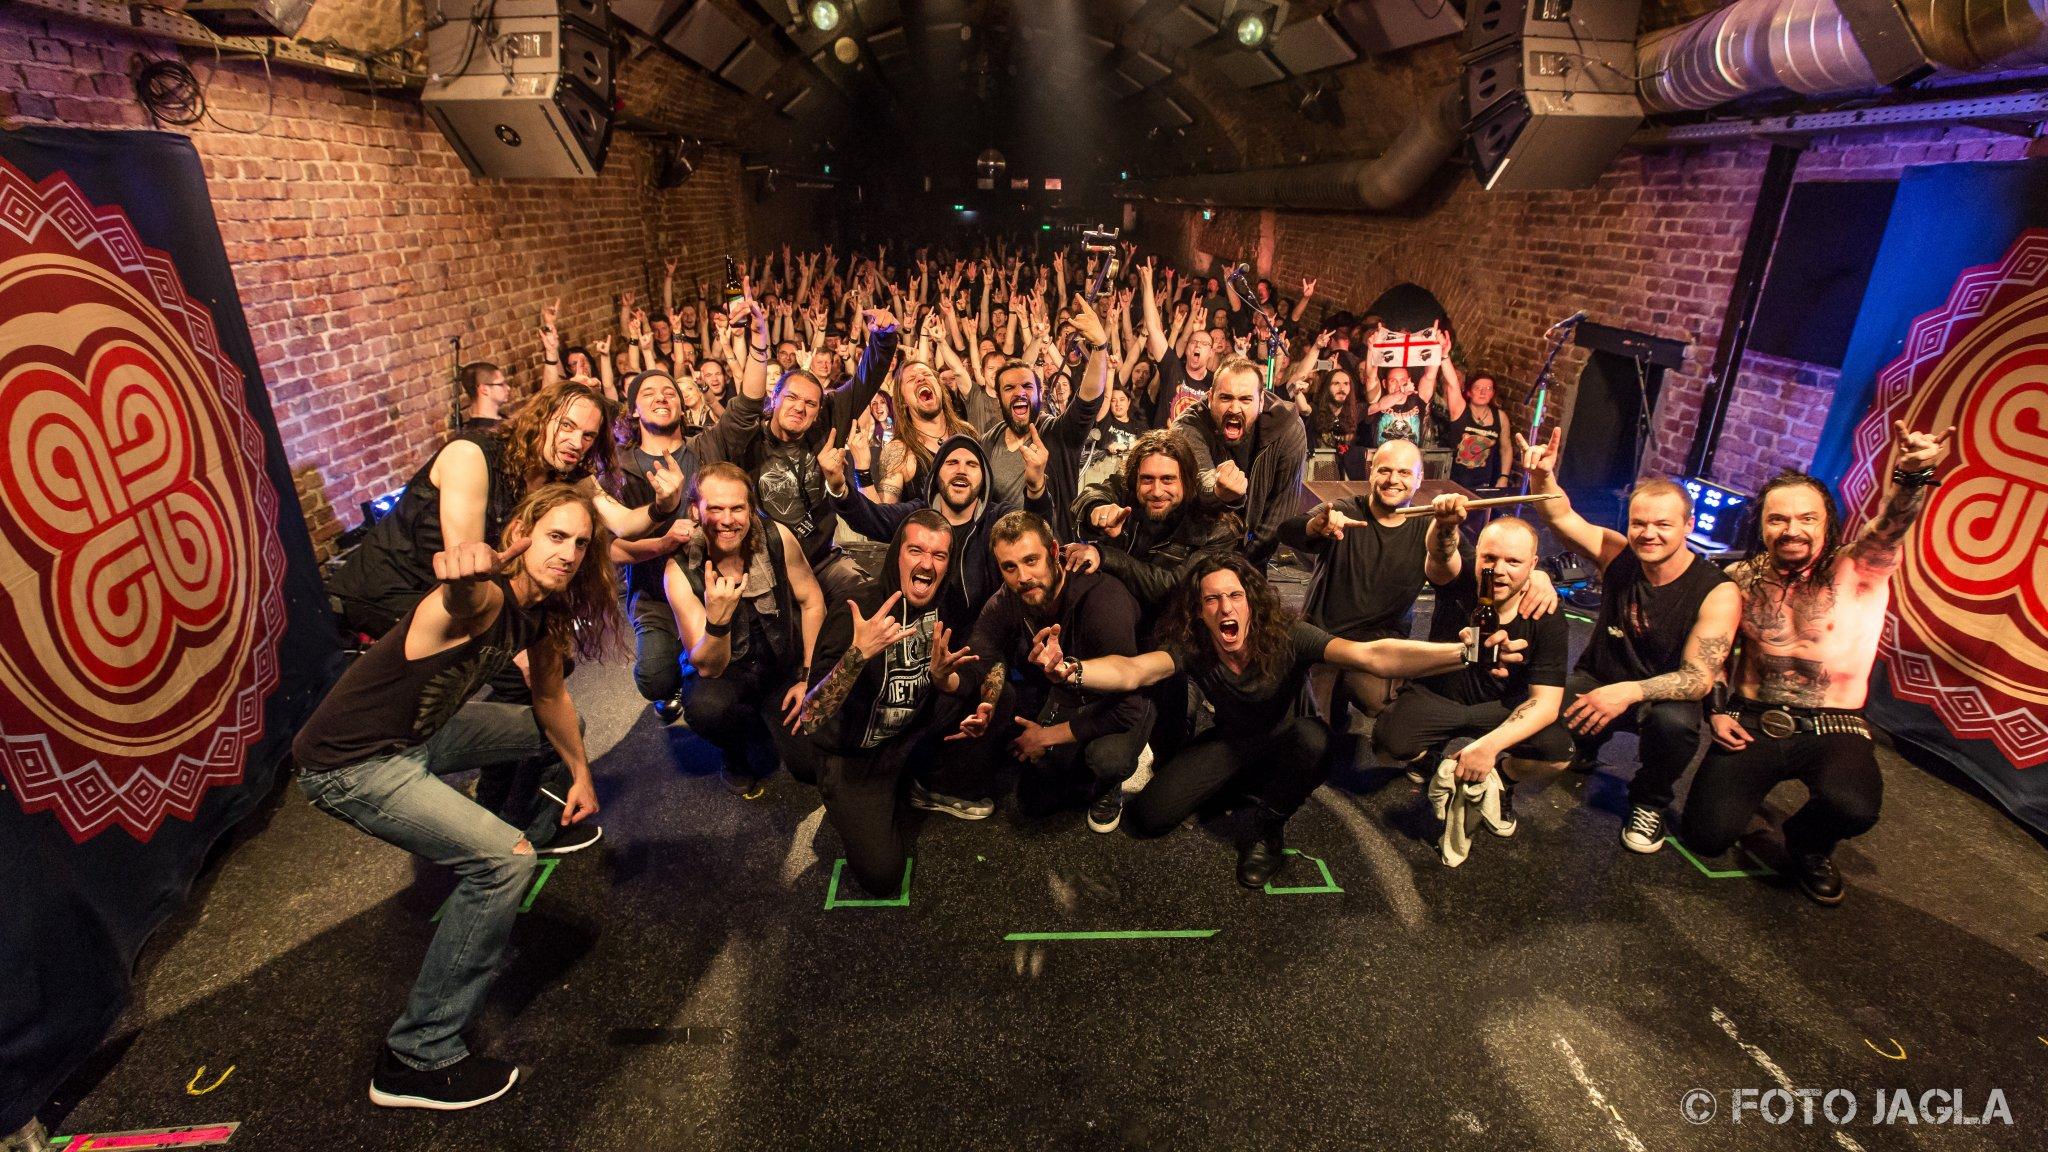 Abschlussfoto von Amorphis (Textures & Co) auf der »Under The Red Cloud« Tour am 17.04.2016 in der Matrix in Bochum